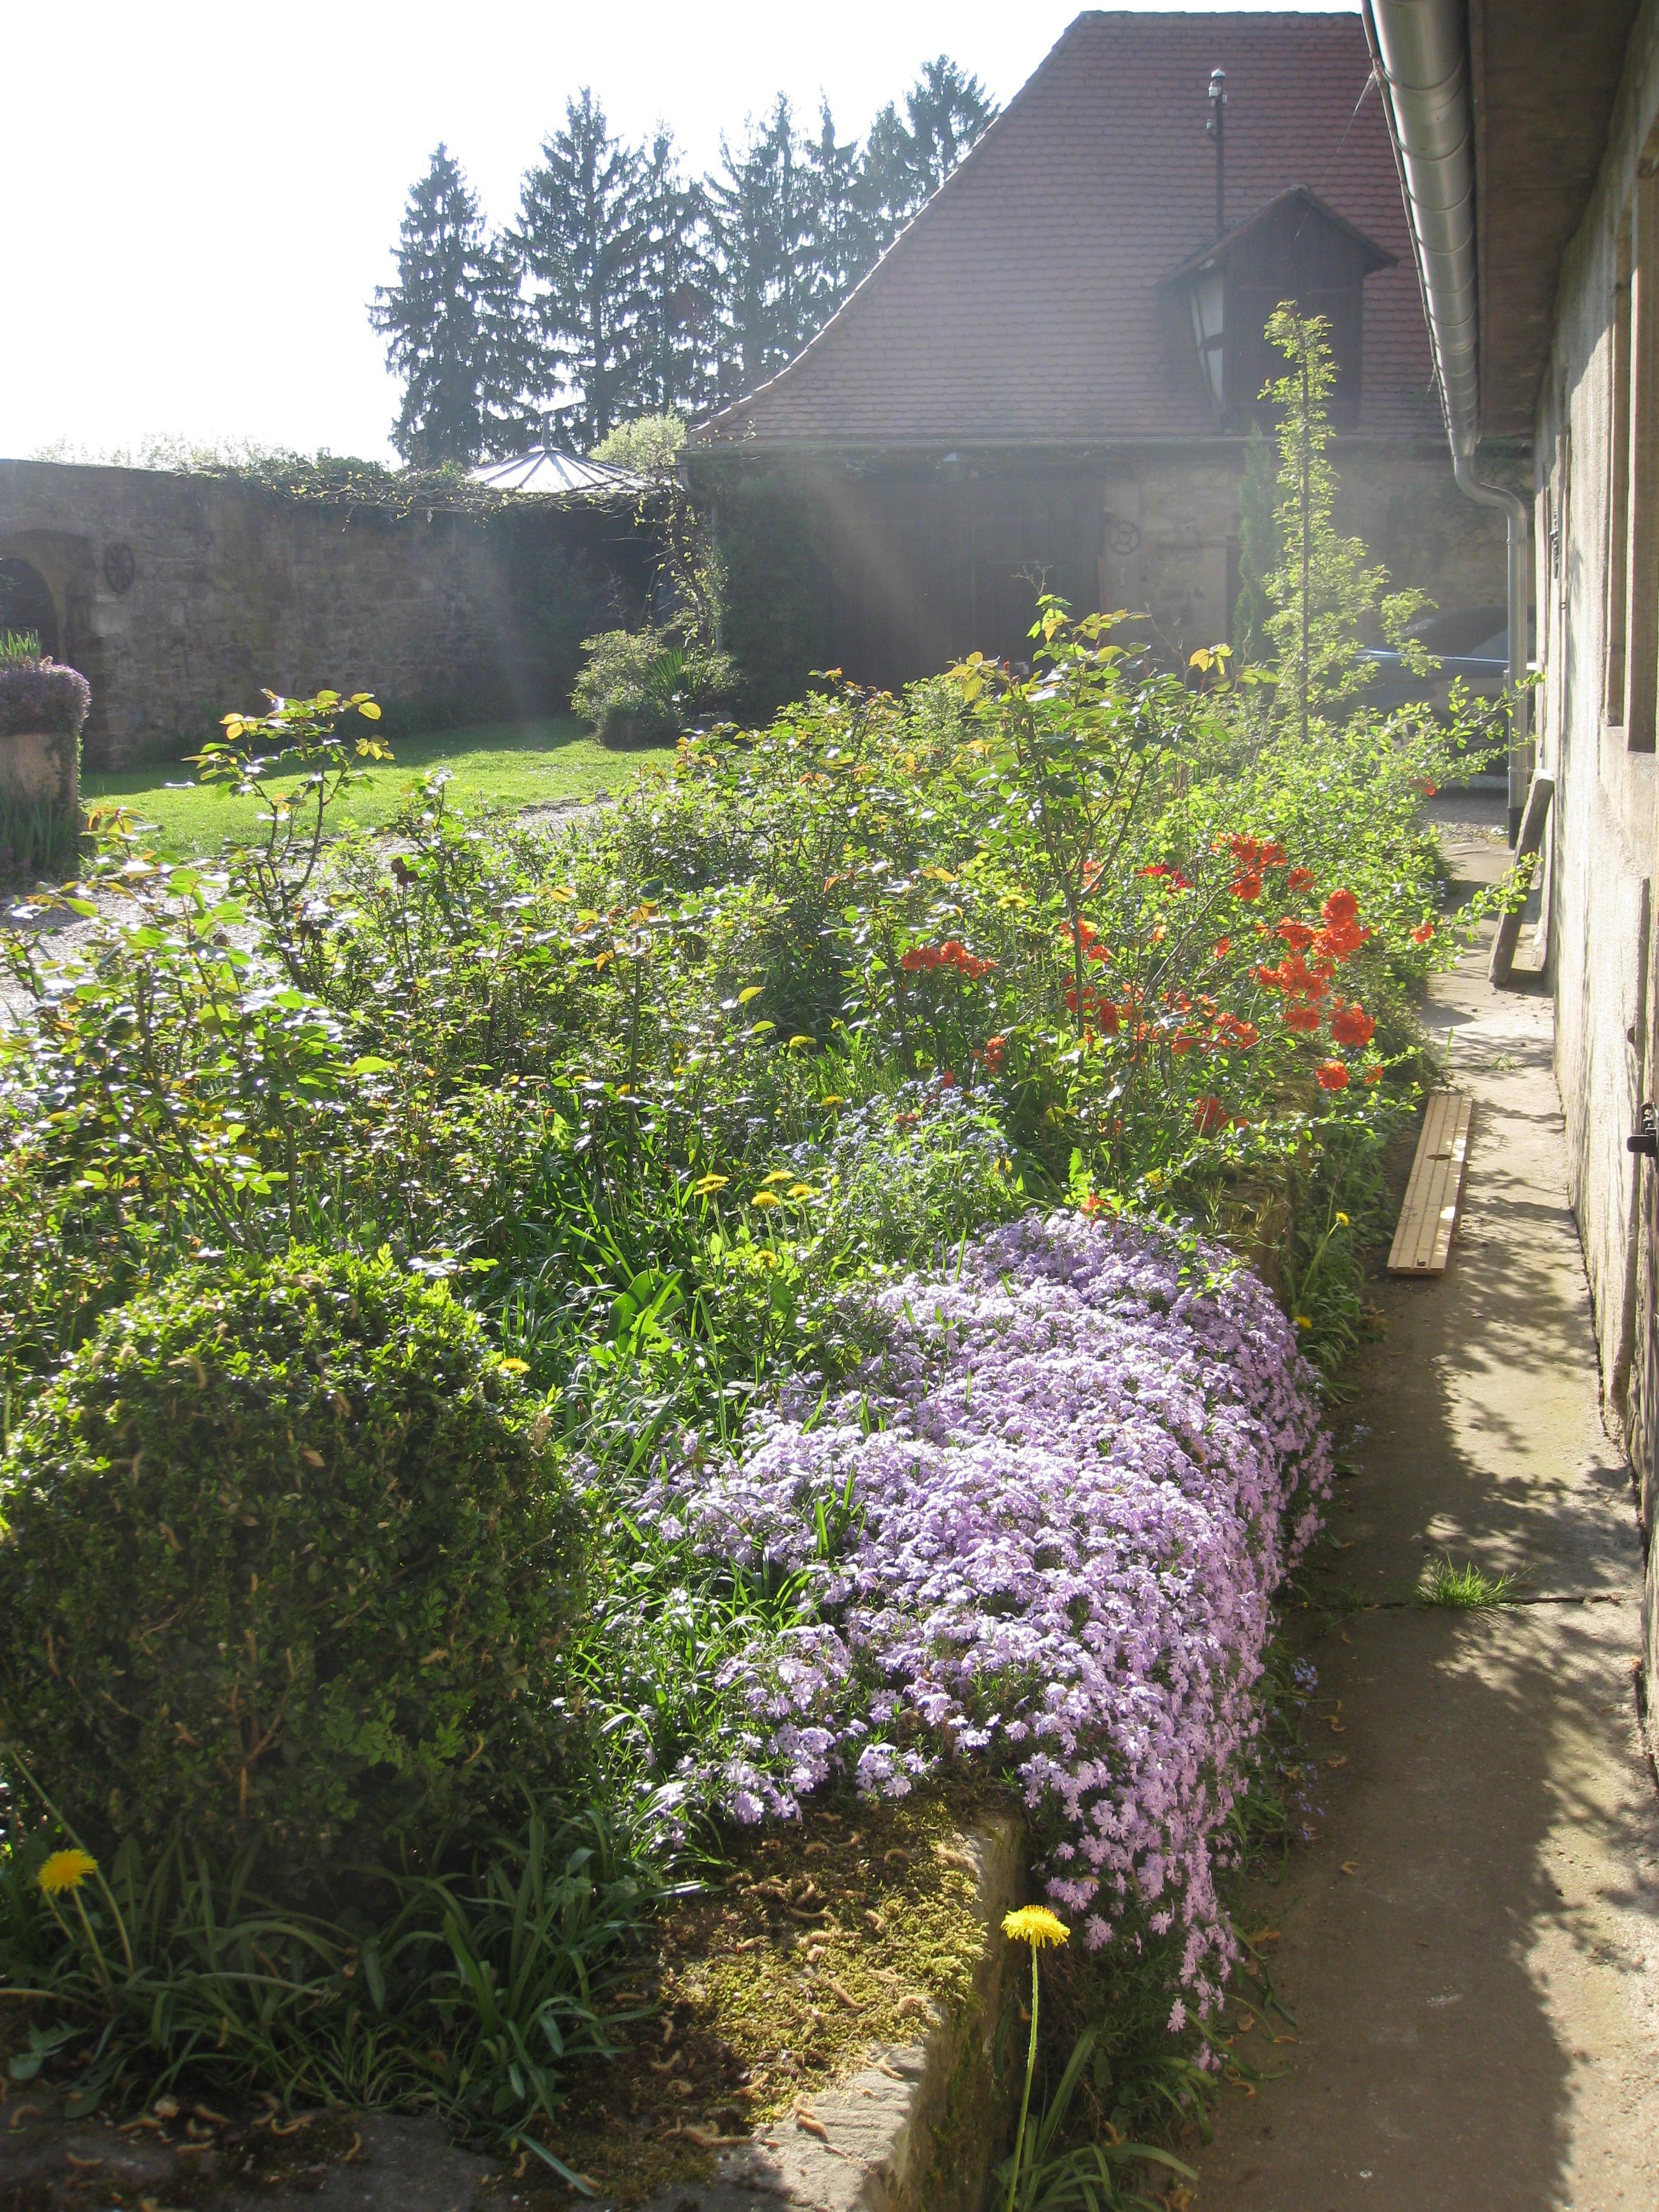 Blumen vor dem Bandhaus, Einfahrt